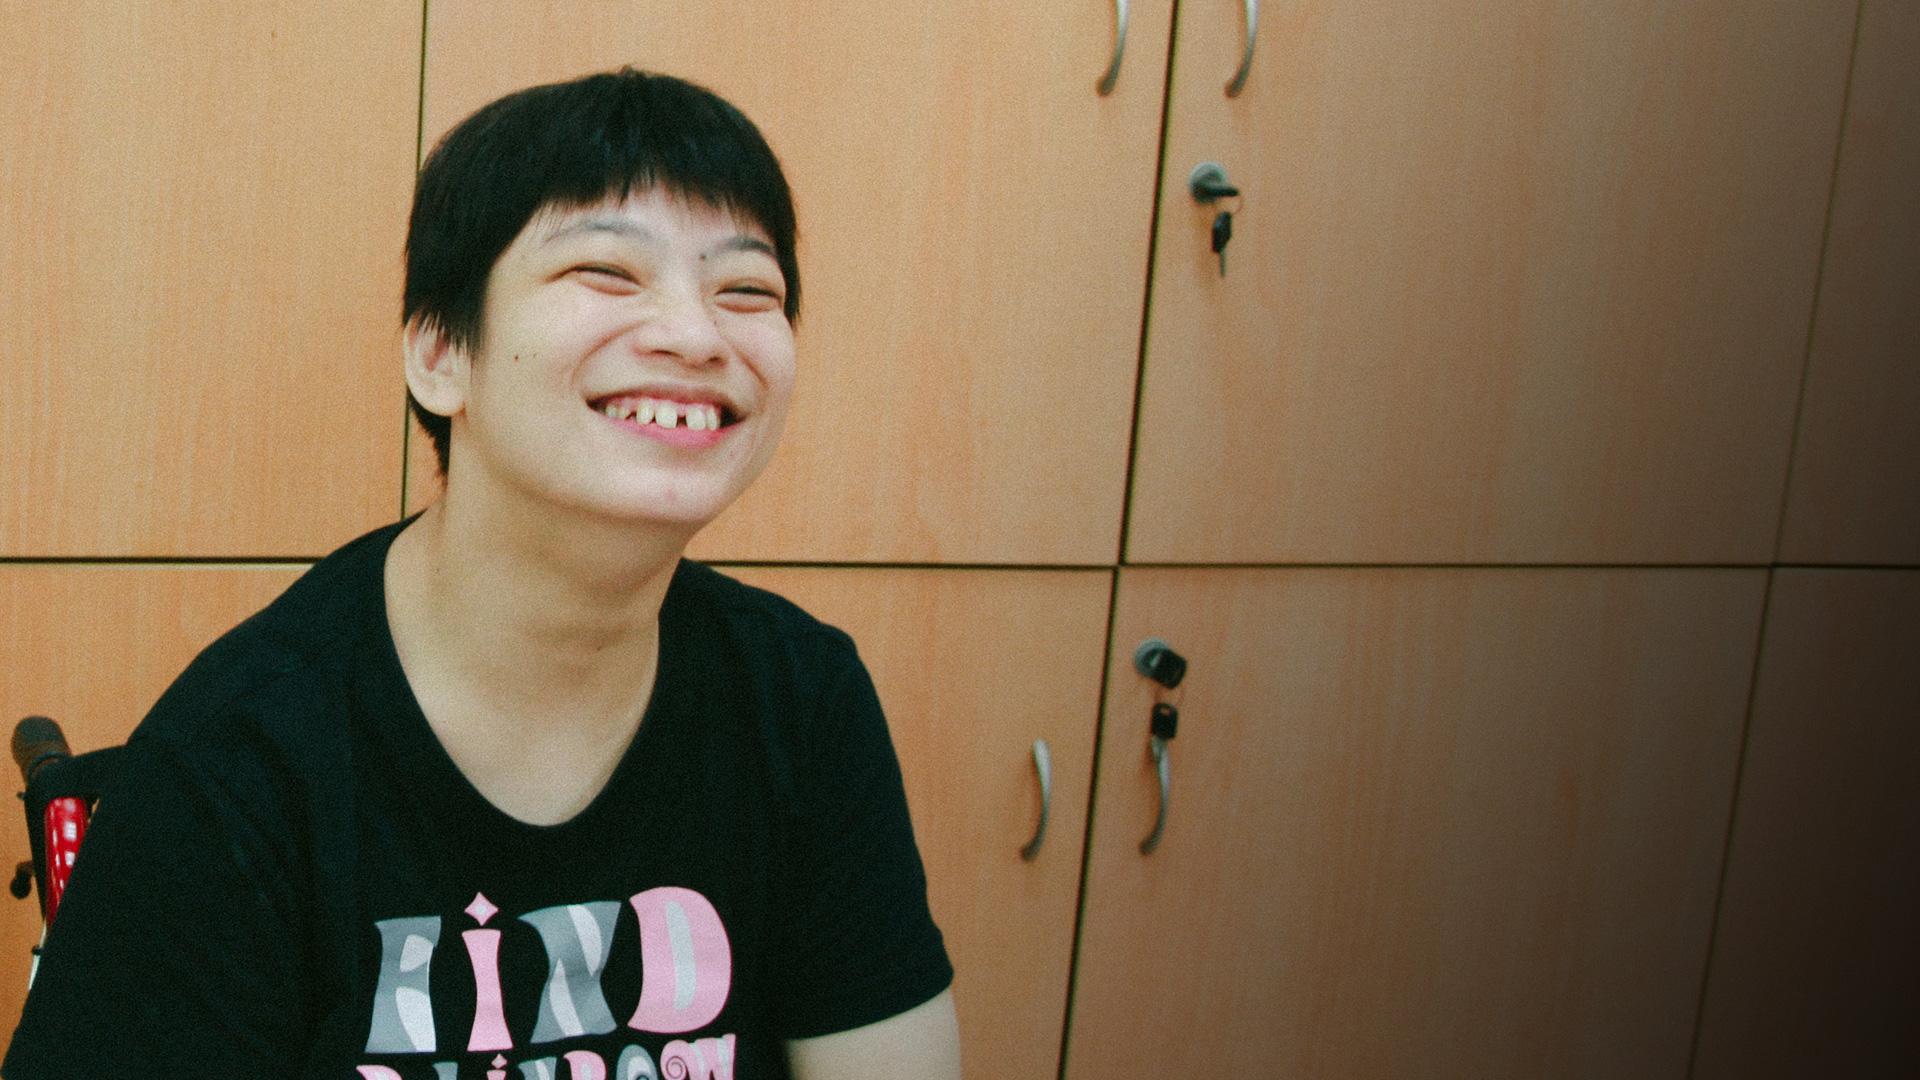 王怡靜-喜登坊-38歲-加入晴天坊3年9個月<